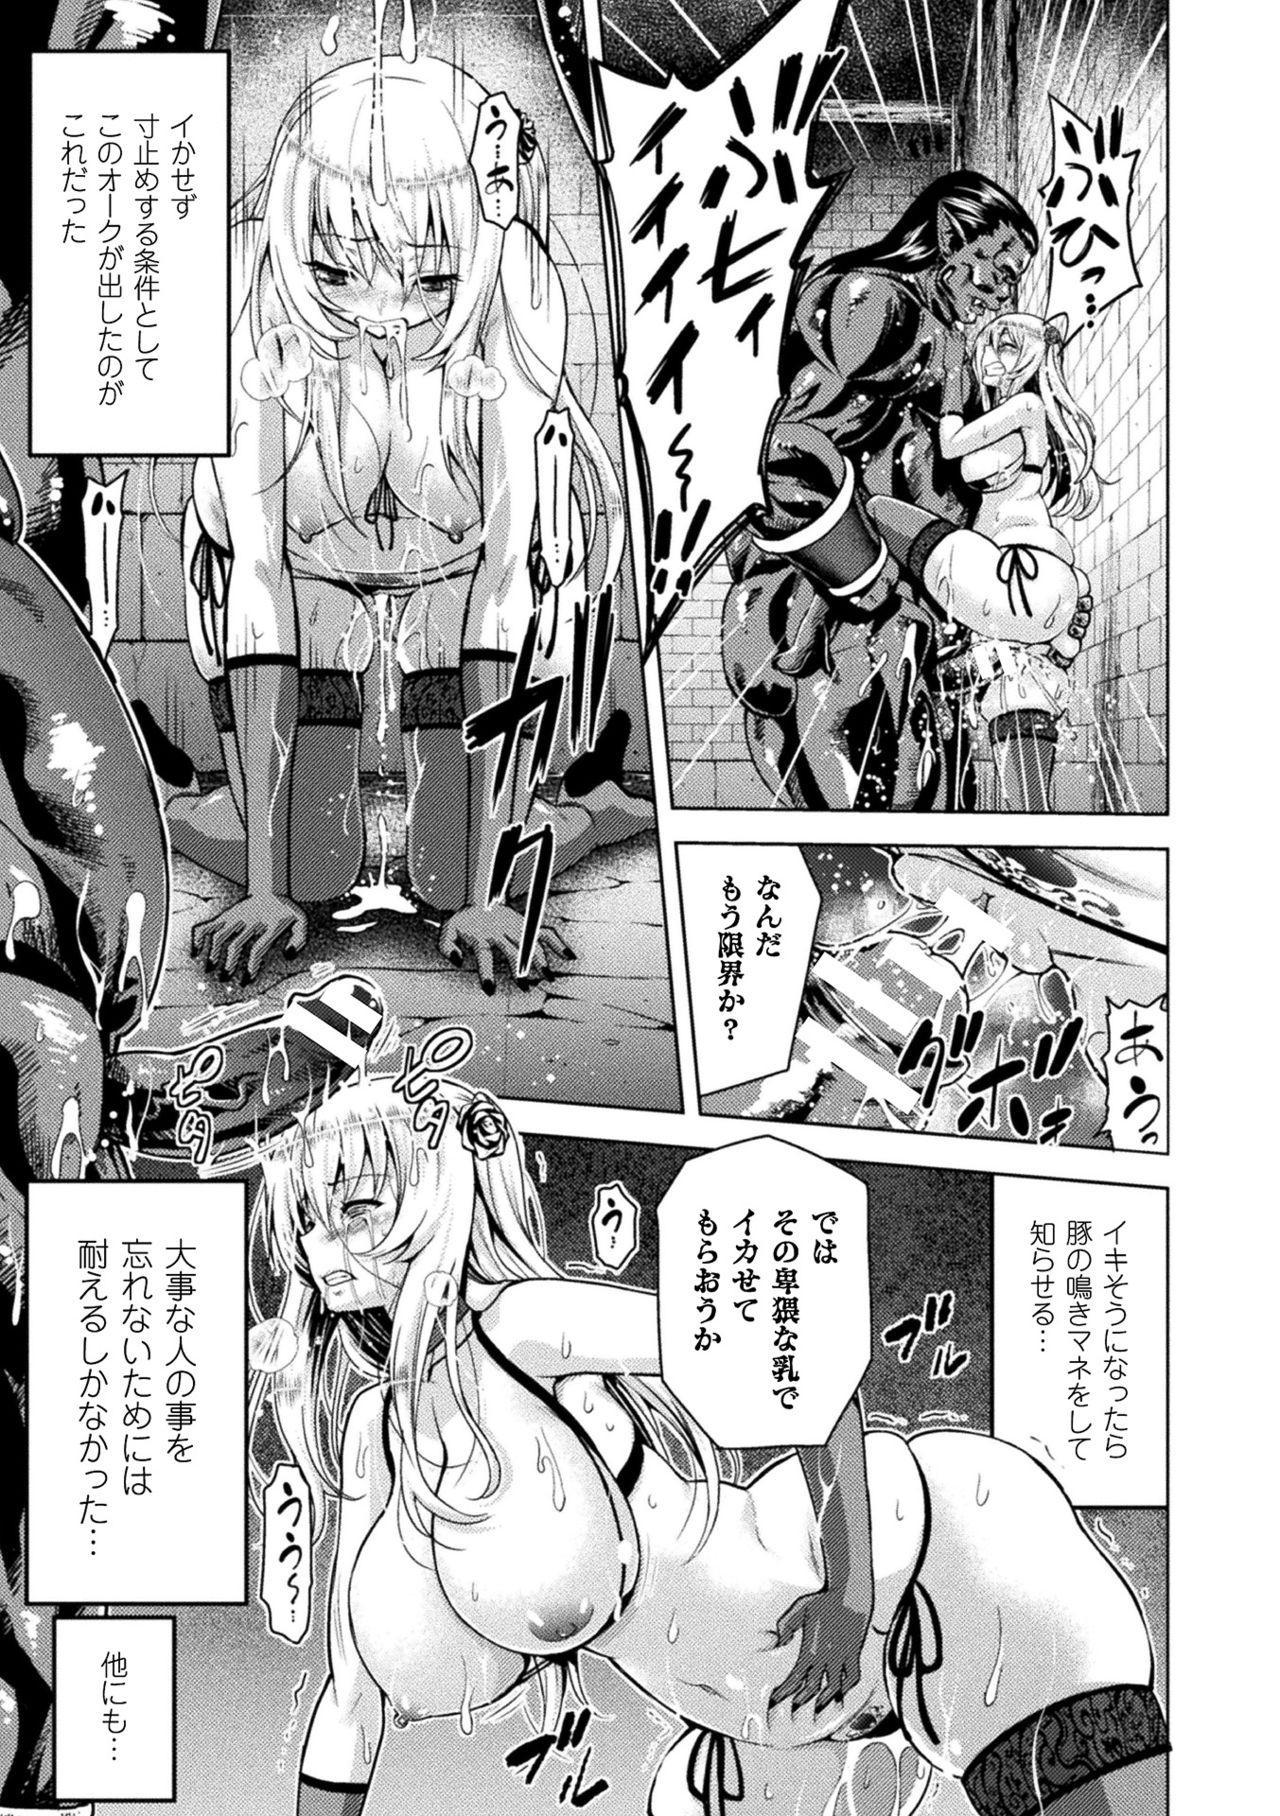 ERONA Orc no Inmon ni Okasareta Onna Kishi no Matsuro Ch. 1-6 50